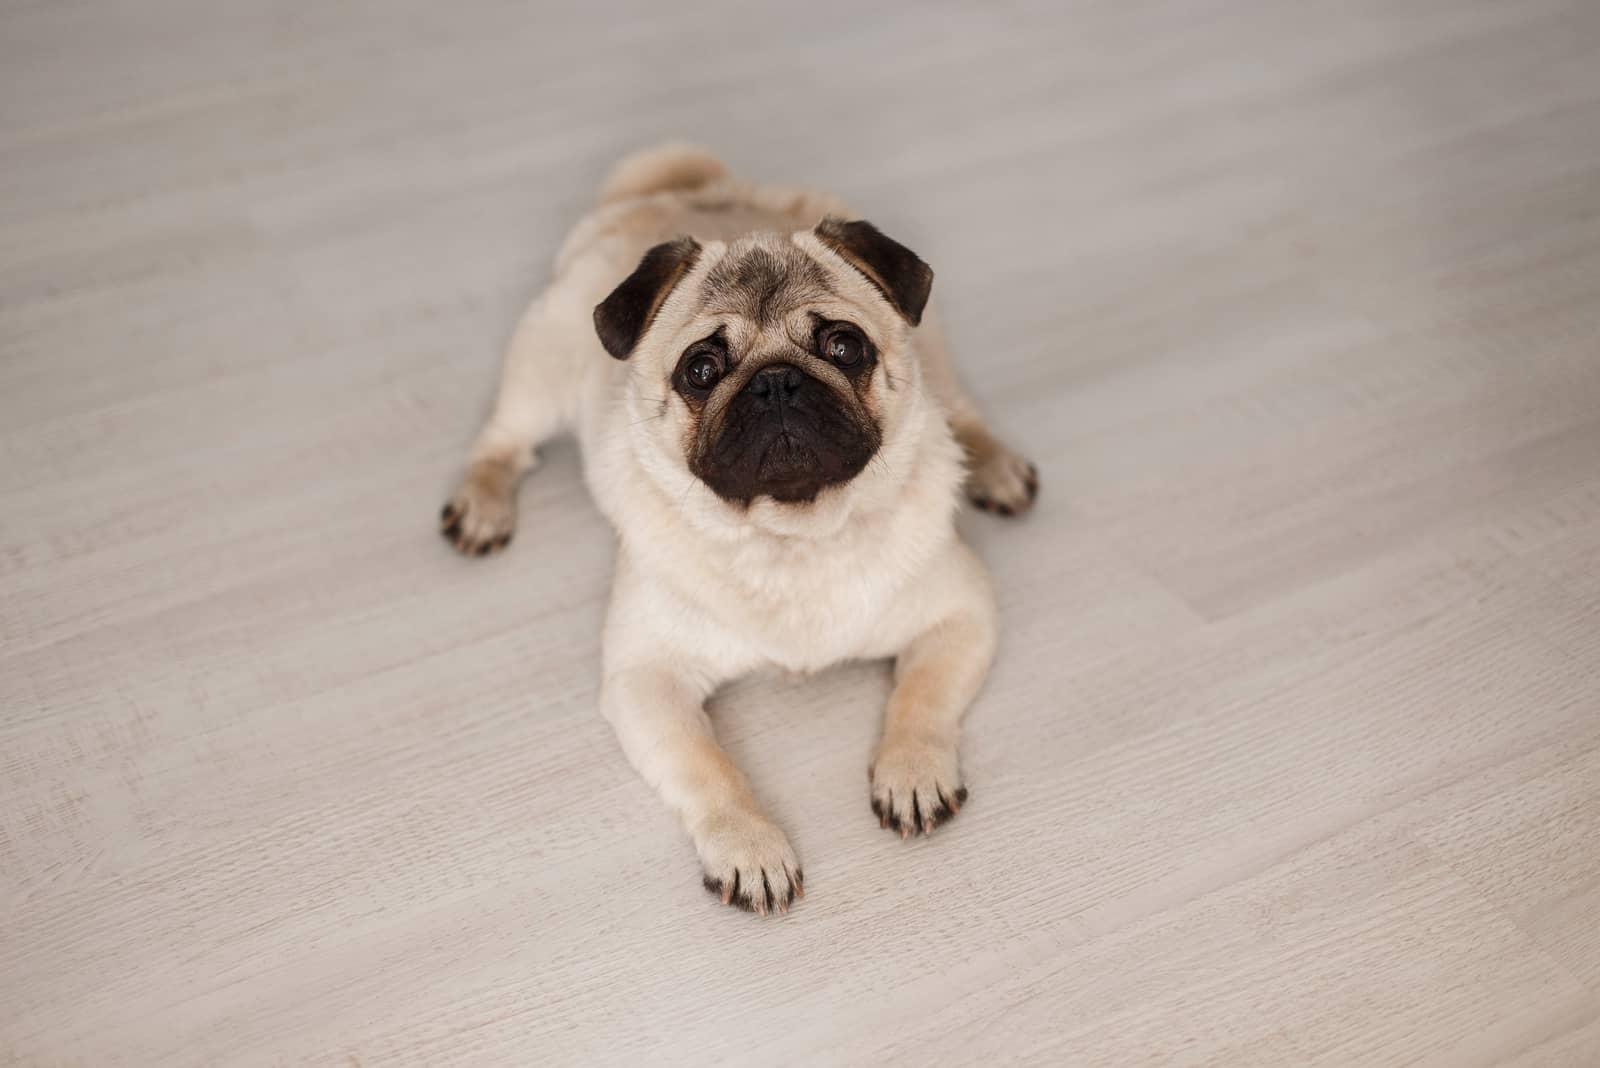 pug Hund auf dem Holzboden liegen